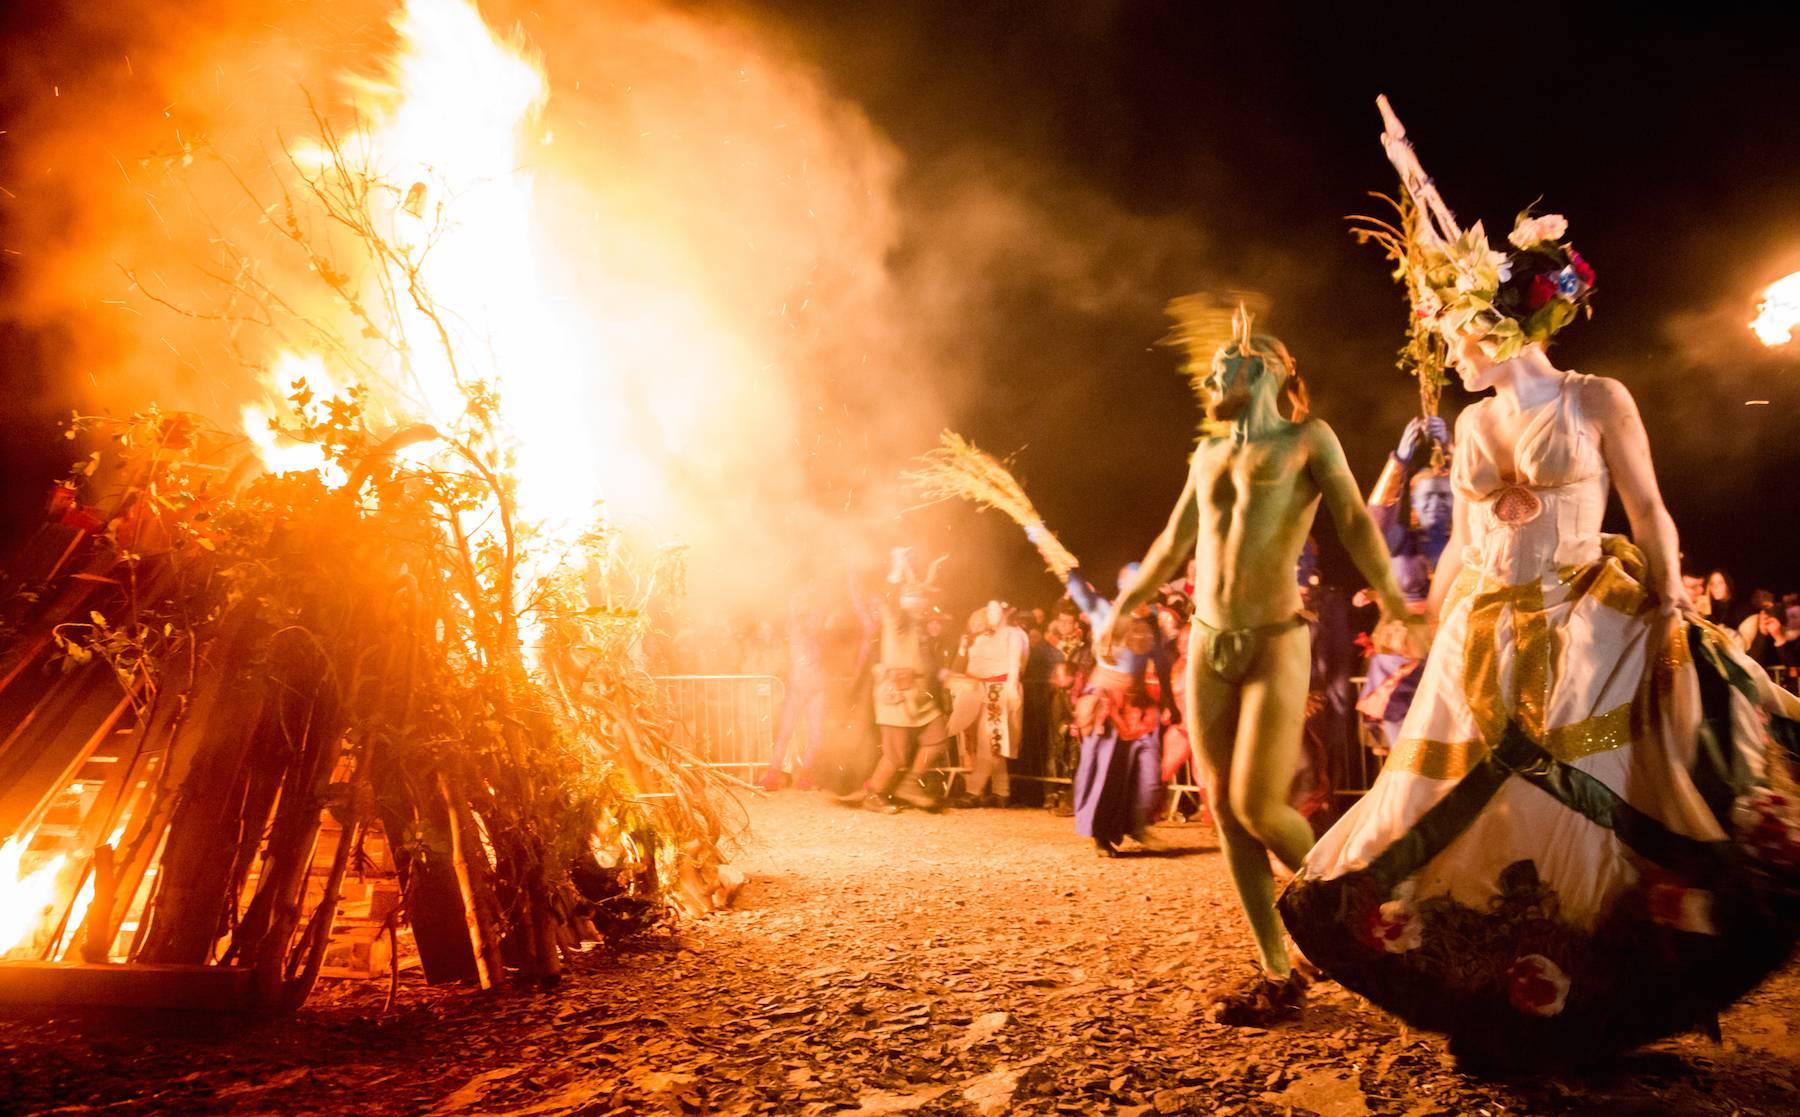 Праздник имболк (imbolc) - магические обряды и ритуалы